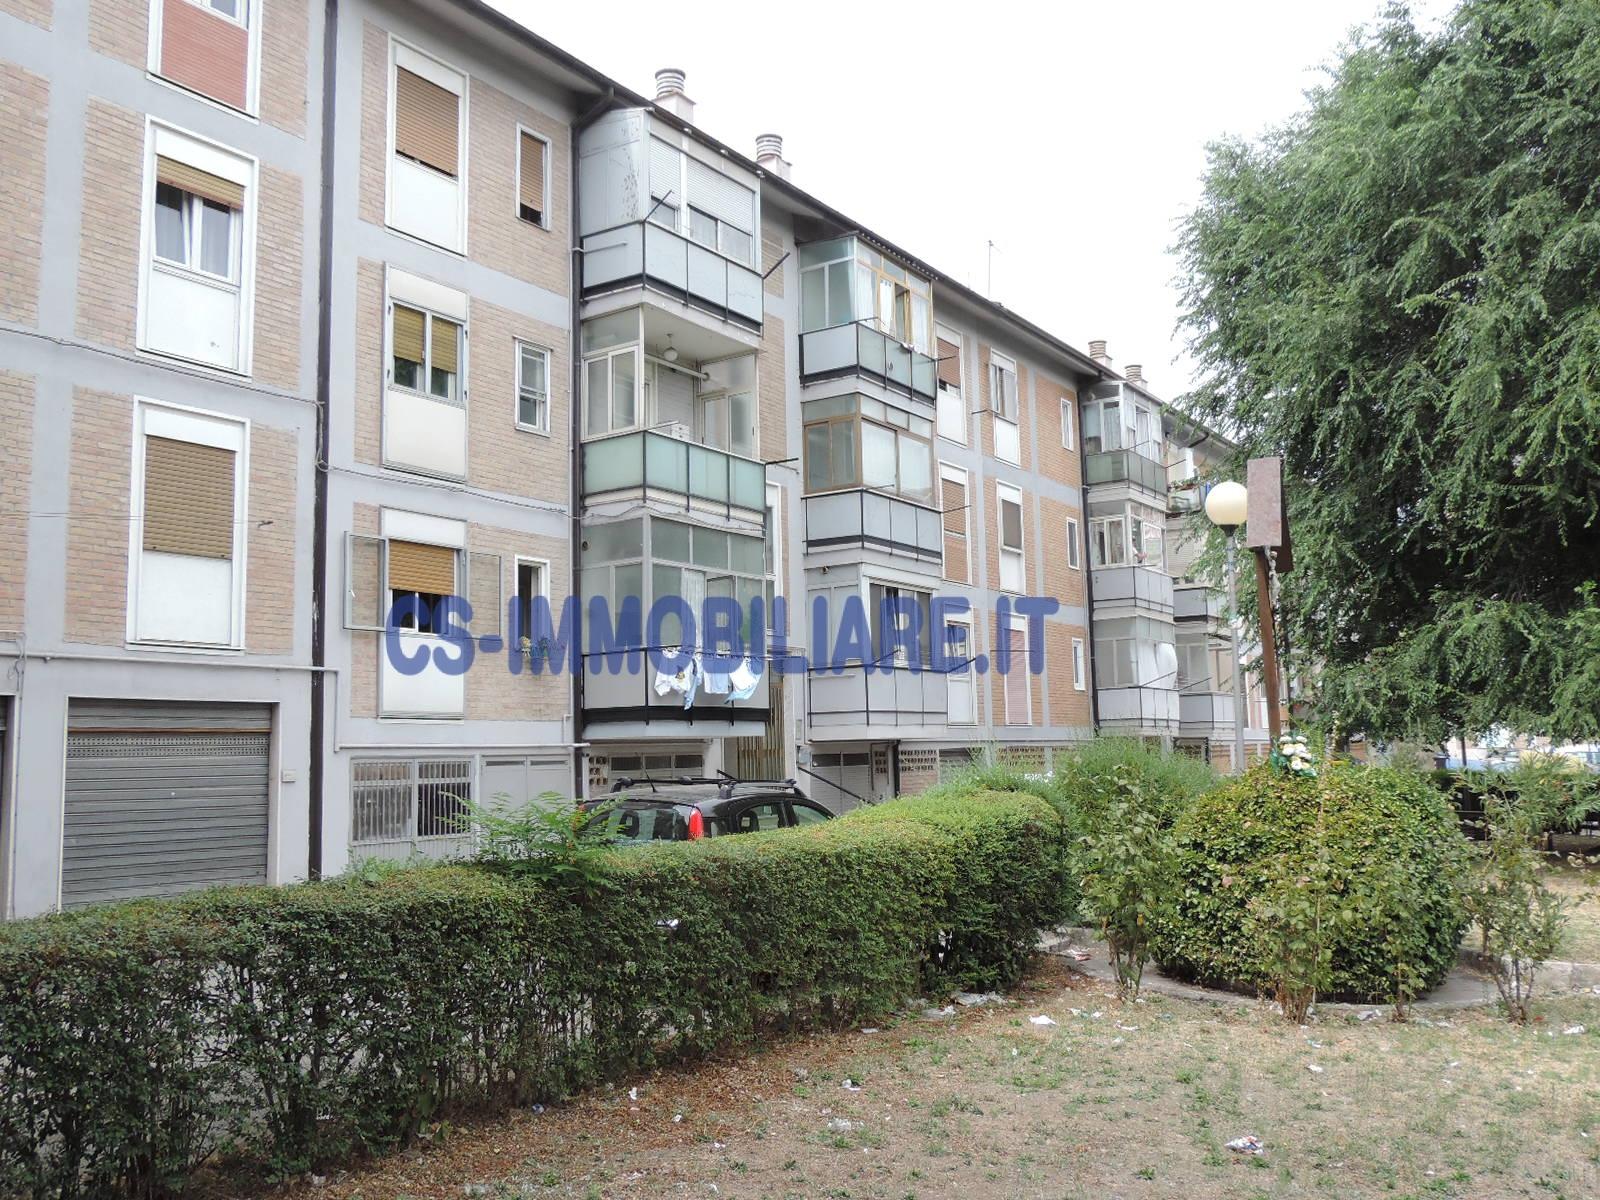 Appartamento in vendita a Potenza, 4 locali, zona Zona: Semicentro, prezzo € 88.000 | CambioCasa.it